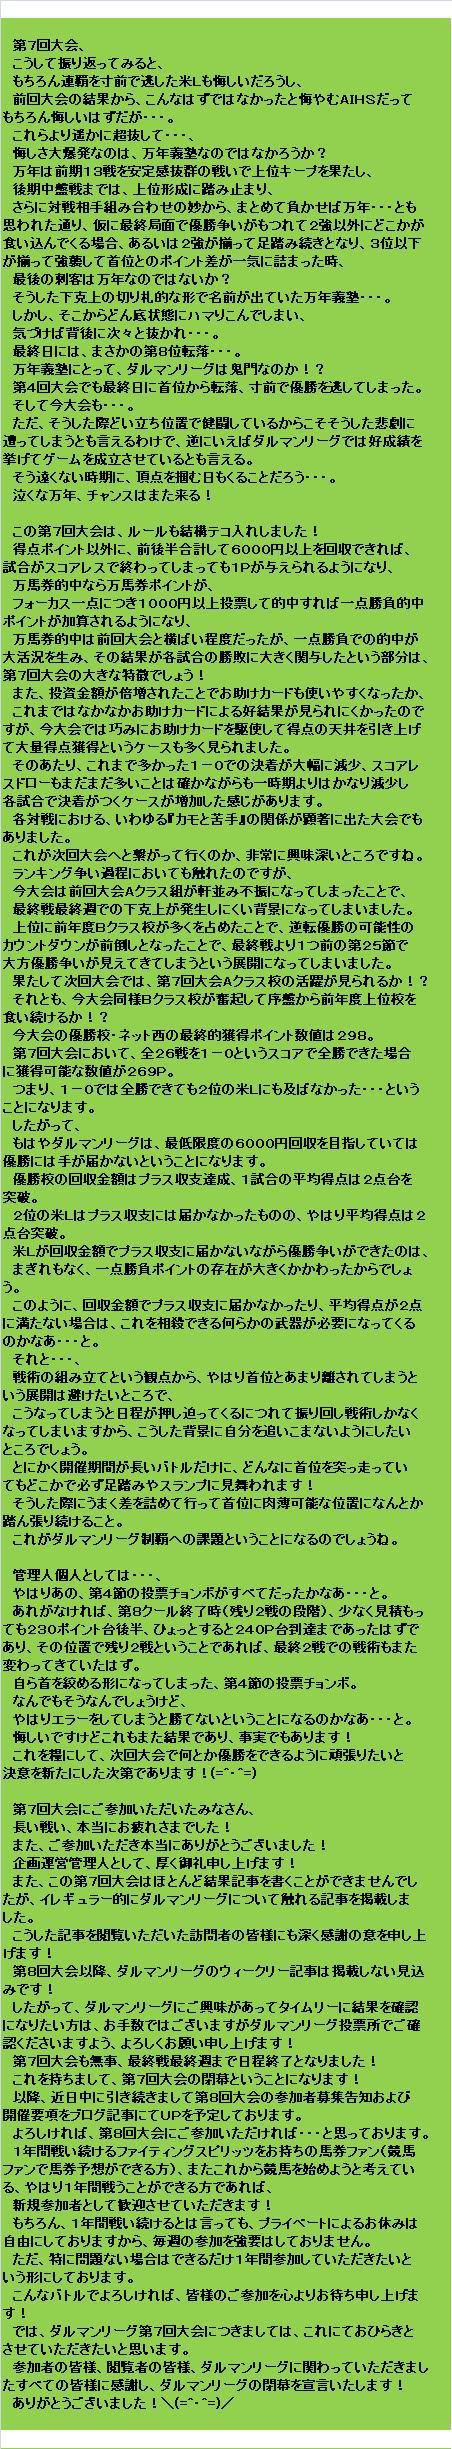 20160619・ダルマンリーグ第26節後半終了結果⑦.jpg